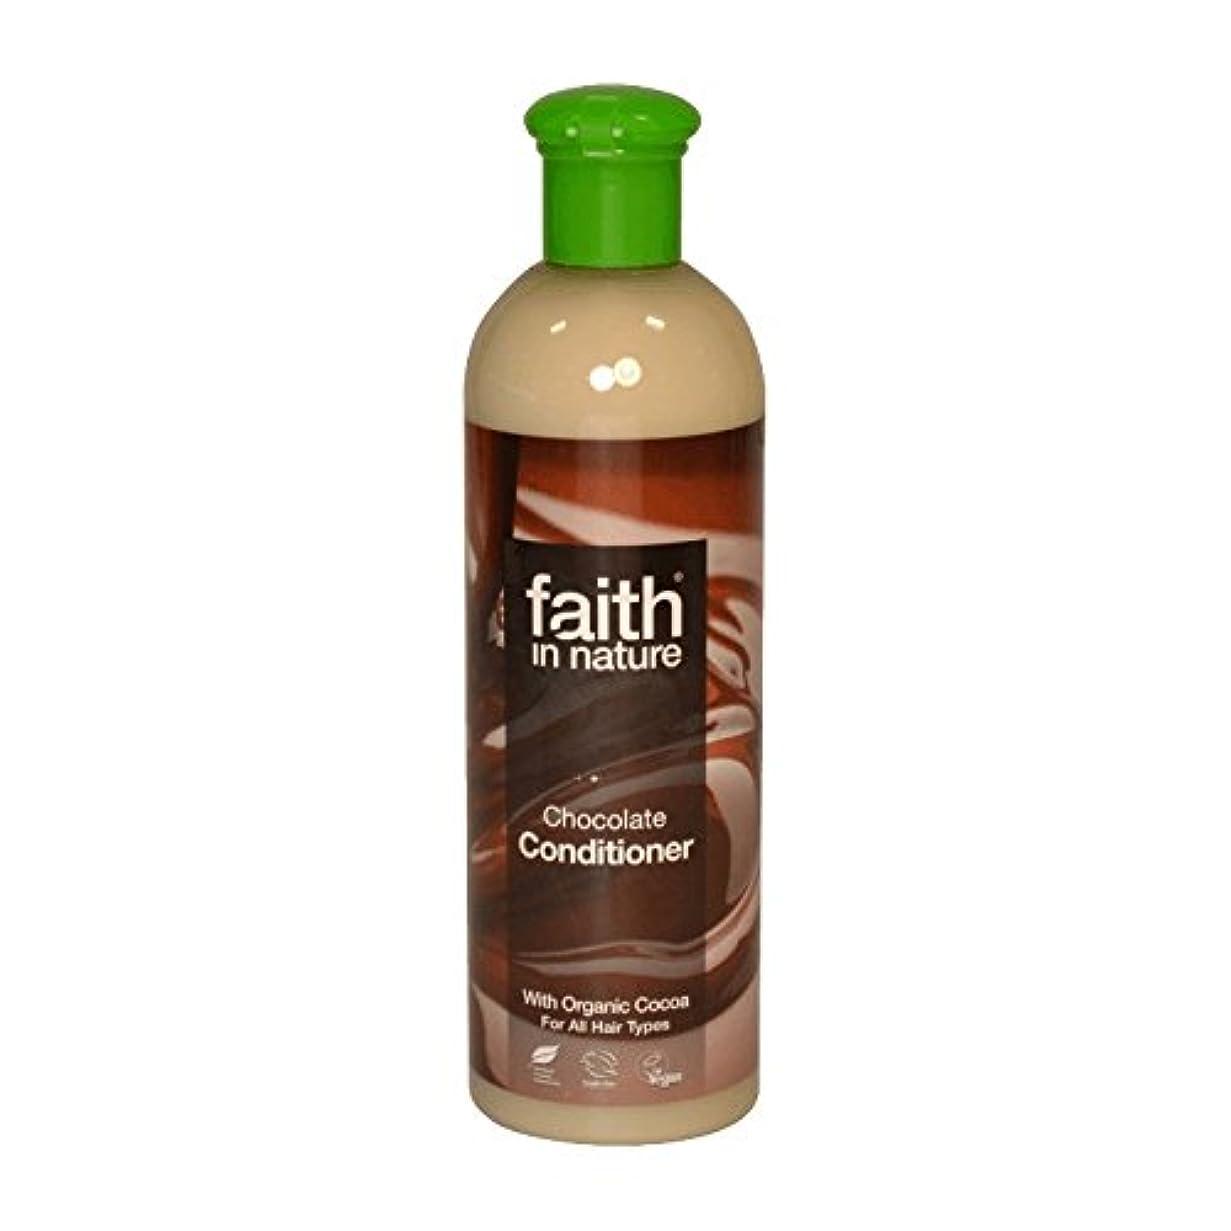 効能事業形状自然チョコレートコンディショナー400ミリリットルの信仰 - Faith In Nature Chocolate Conditioner 400ml (Faith in Nature) [並行輸入品]